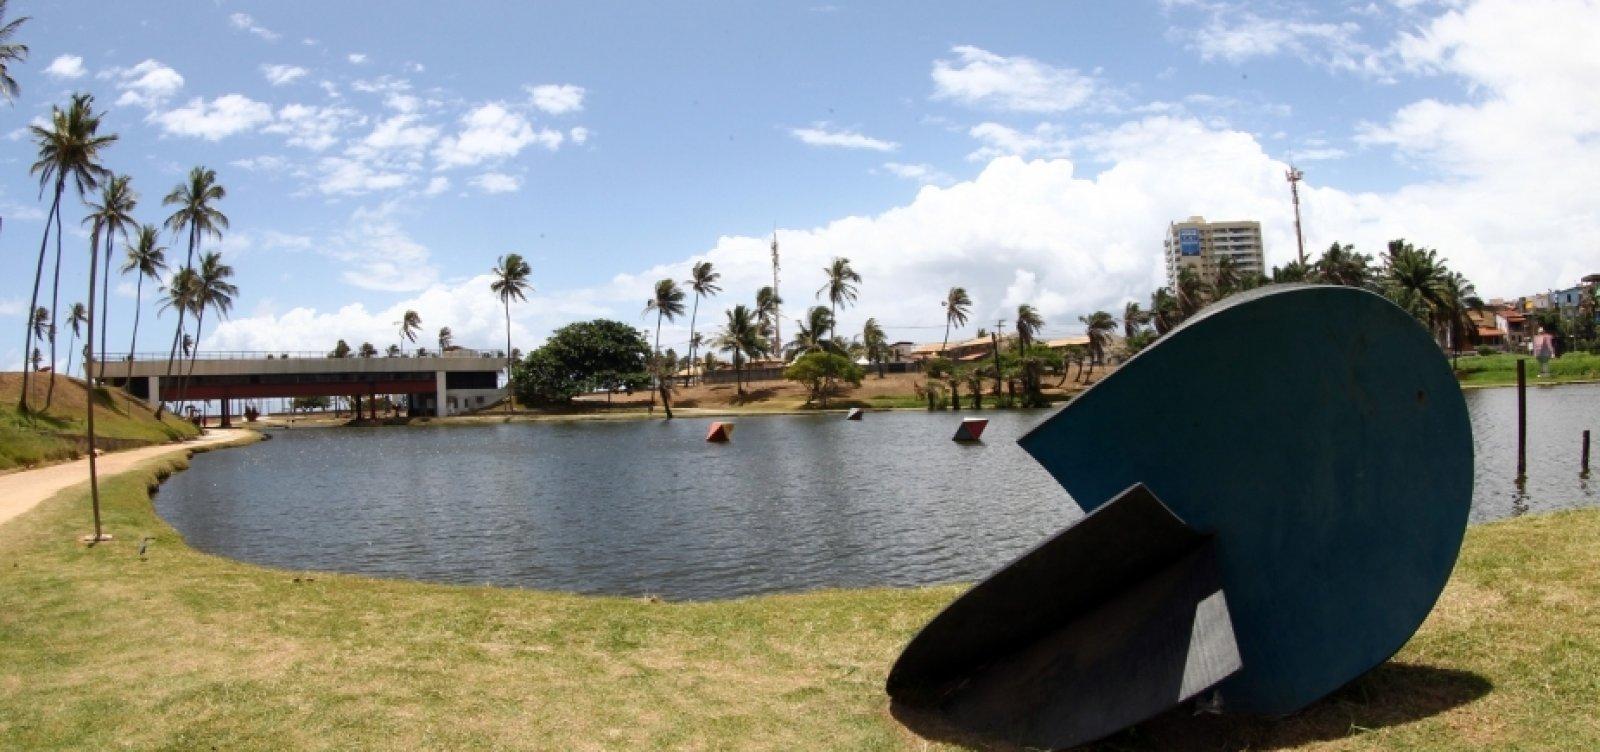 Governo da Bahia firma parceria com BNDES para modernização de parques estaduais